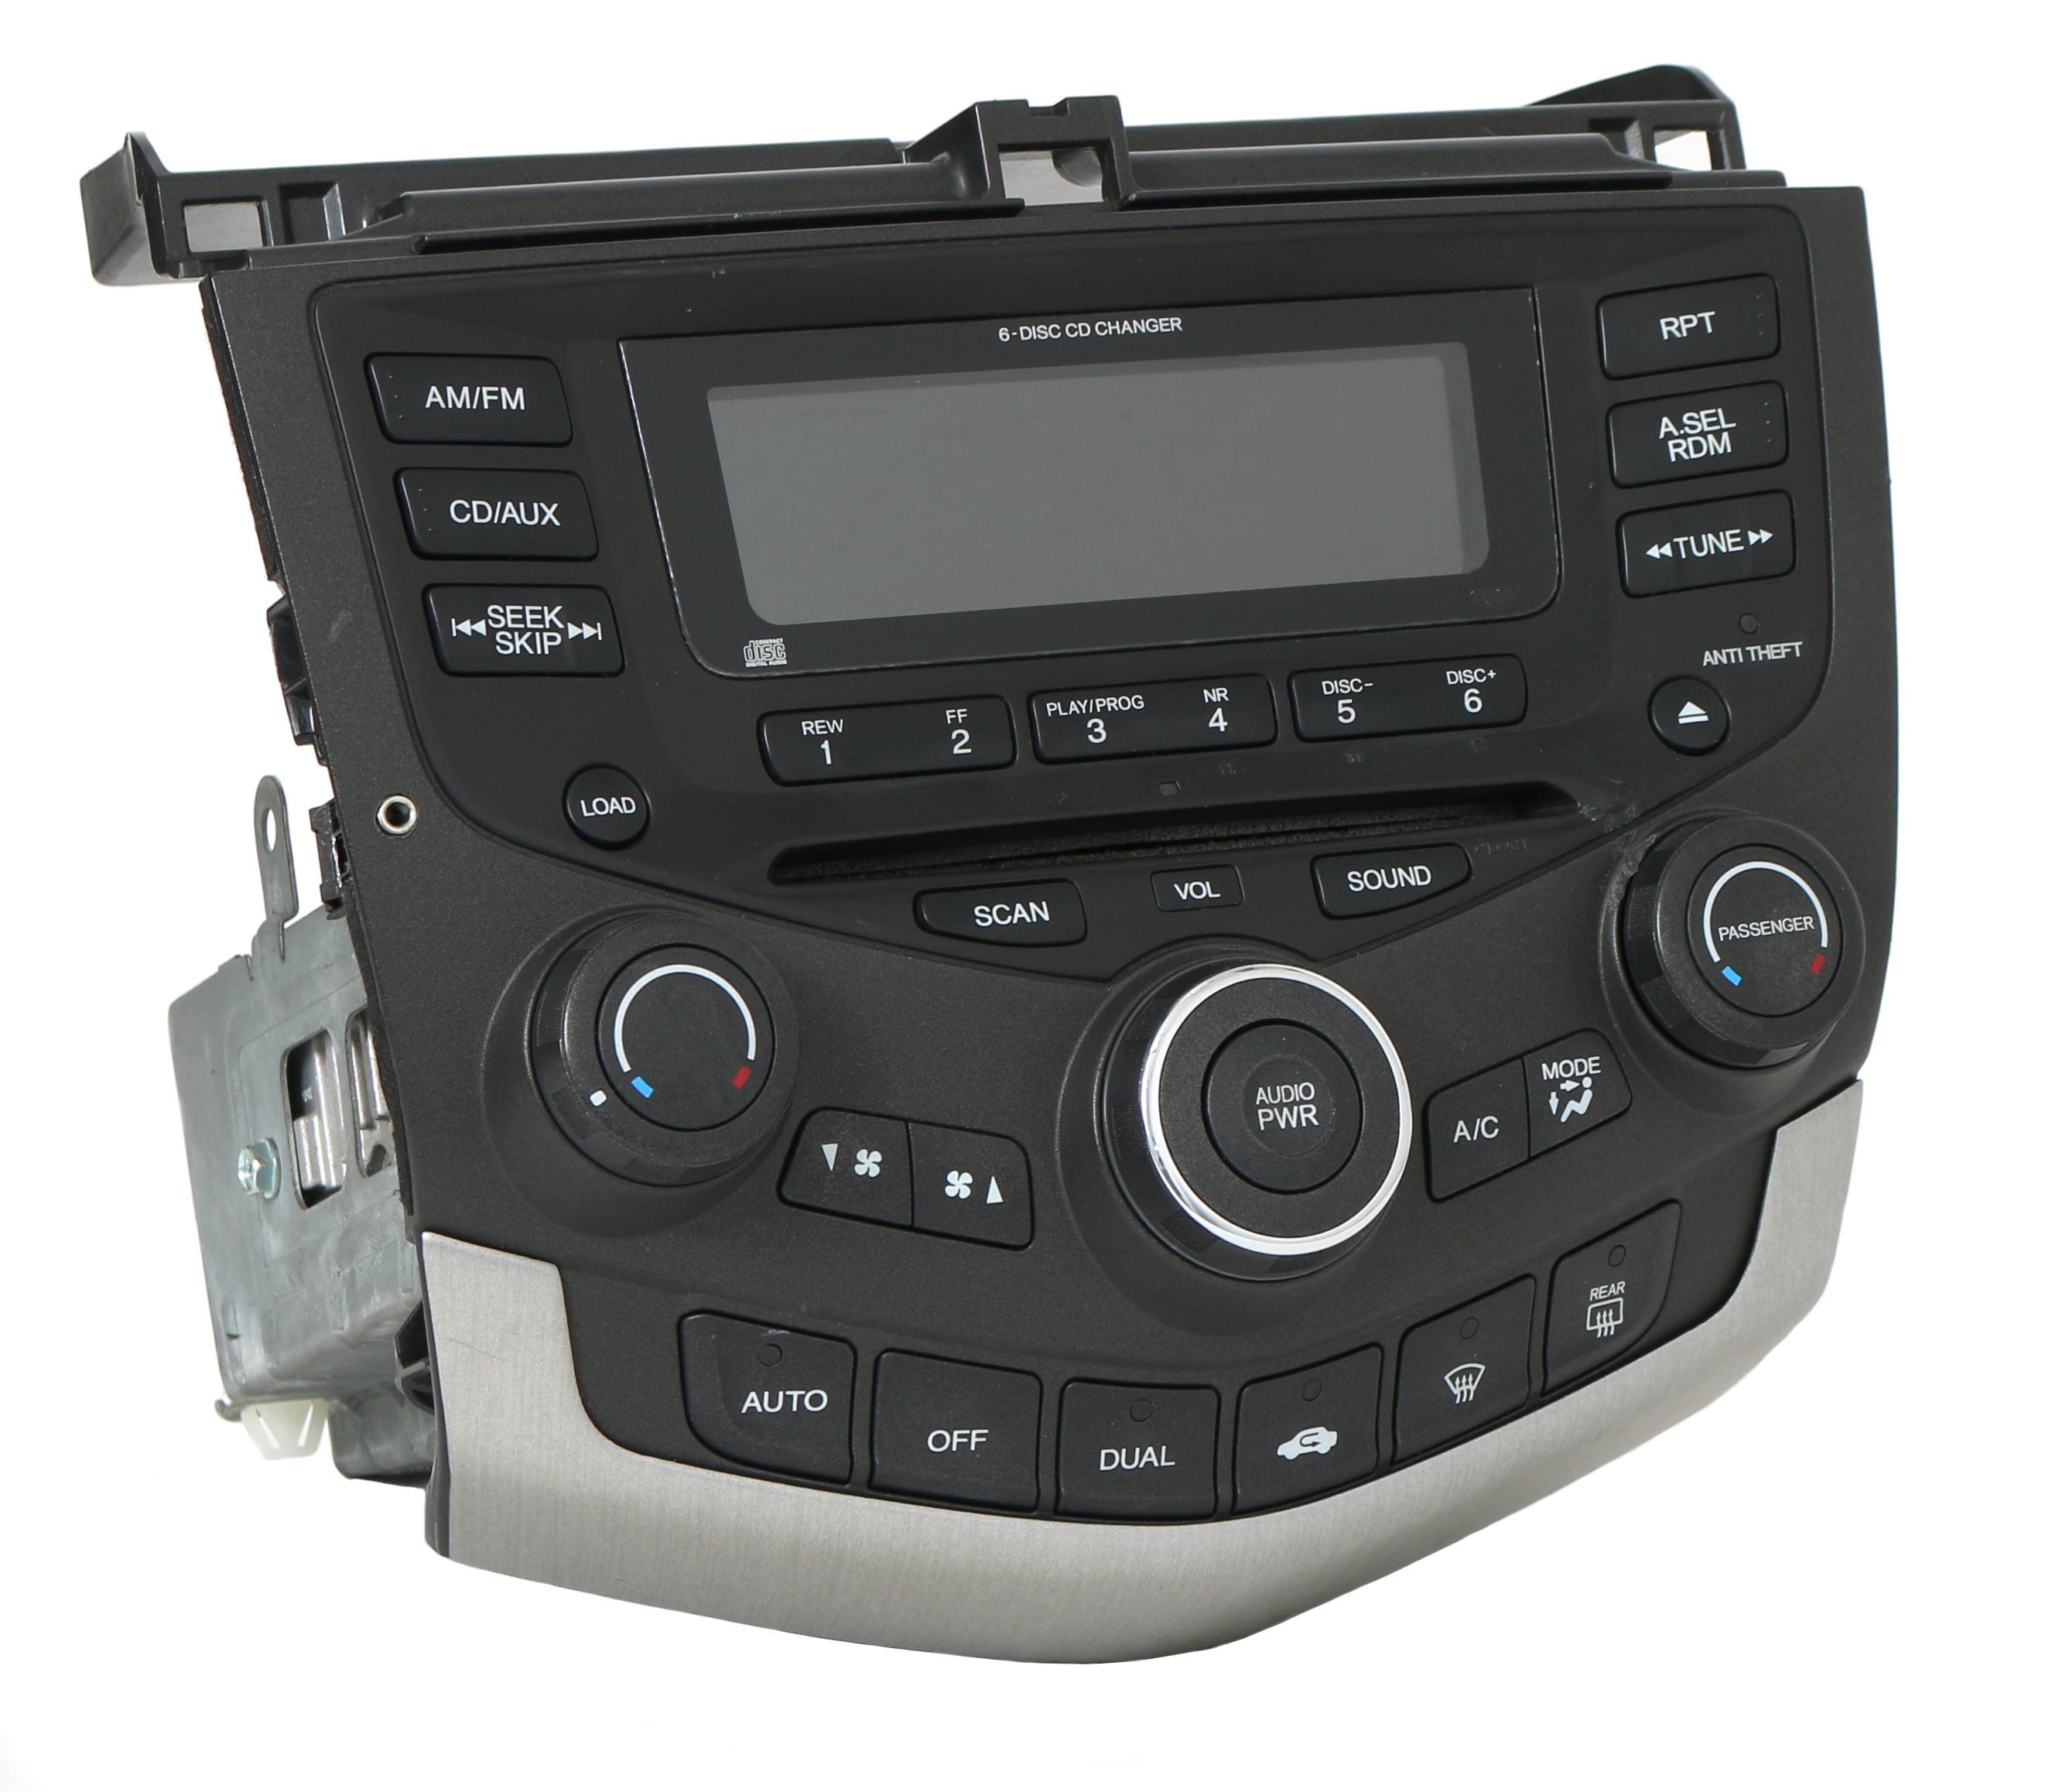 Honda Accord 2003-07 Radio AM FM 6 CD w Aux Input Temp Ctrls 39175-SDN-A110  7BY0 - Refurbished - Walmart.com